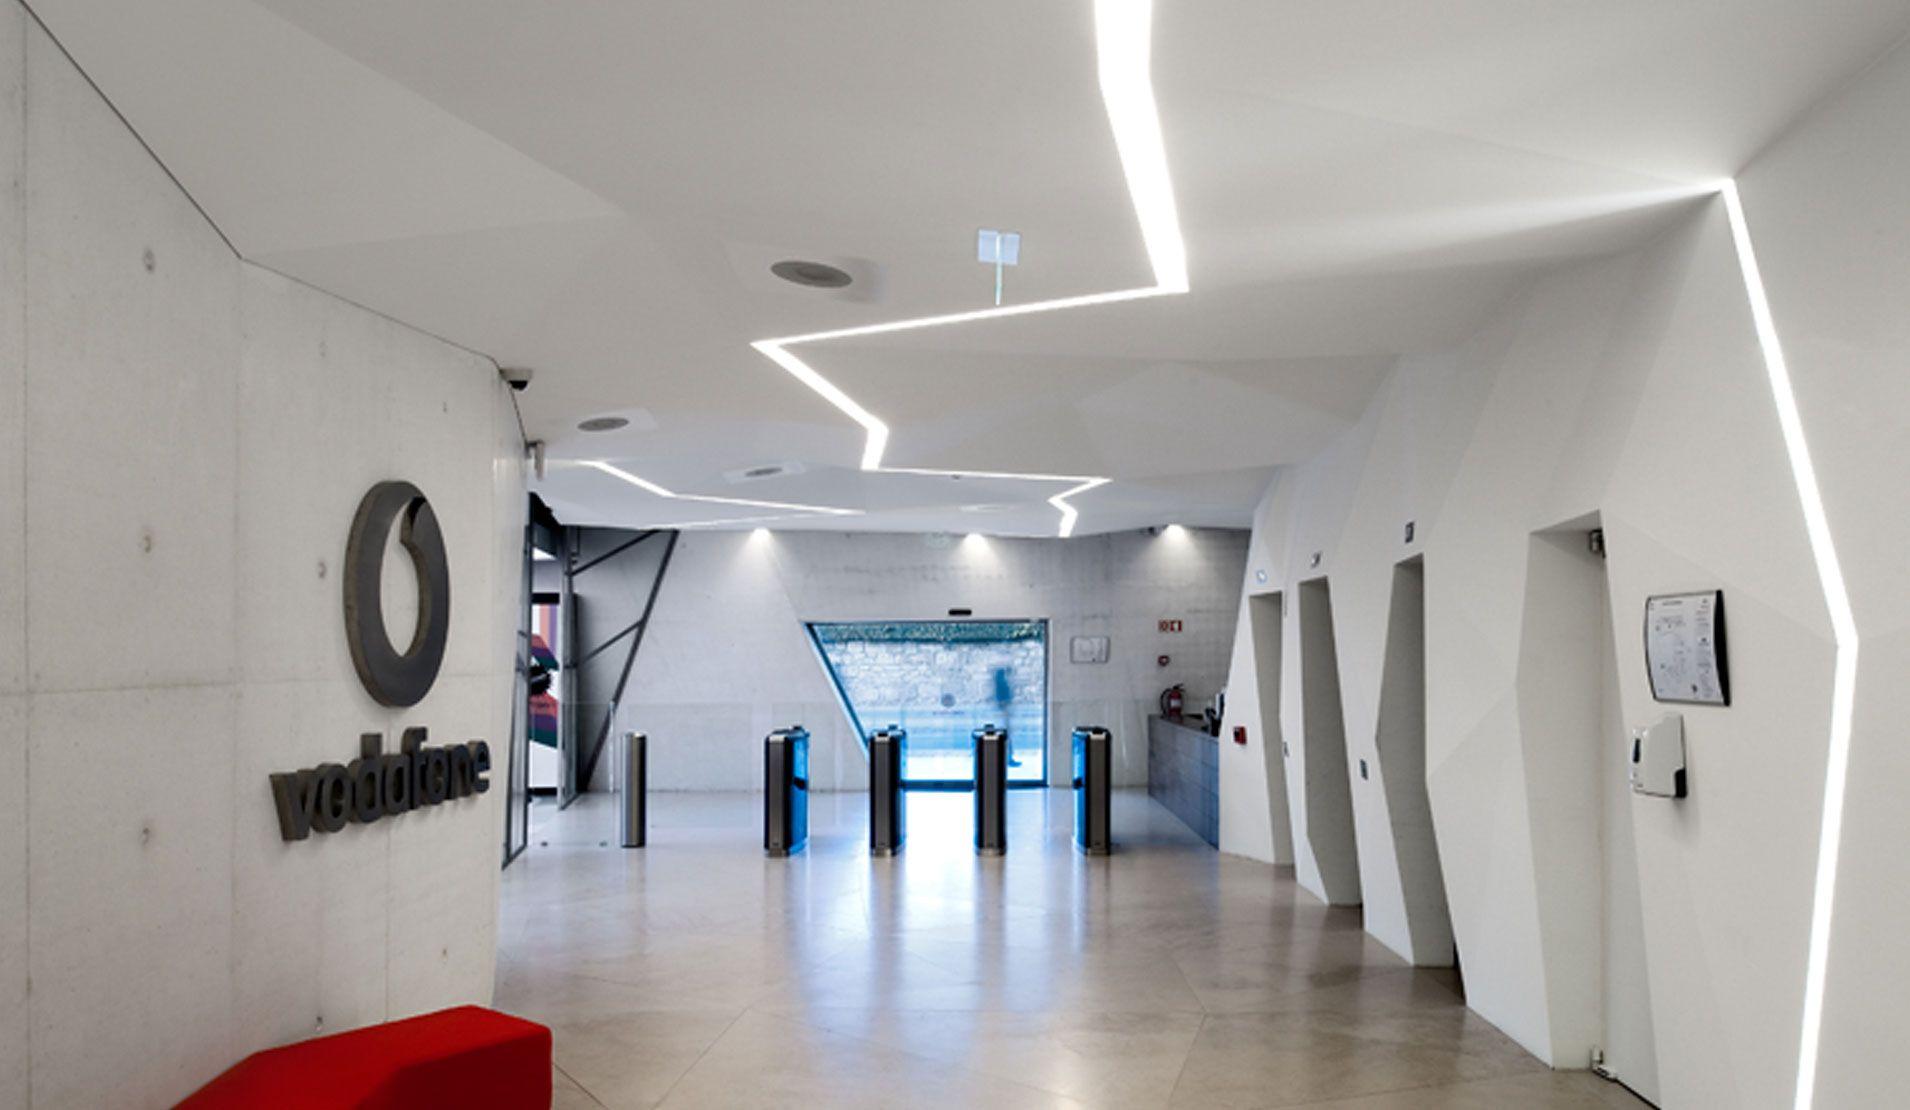 Vodafone Headquarters Building Oporto   Barbosa U0026 Guimarães